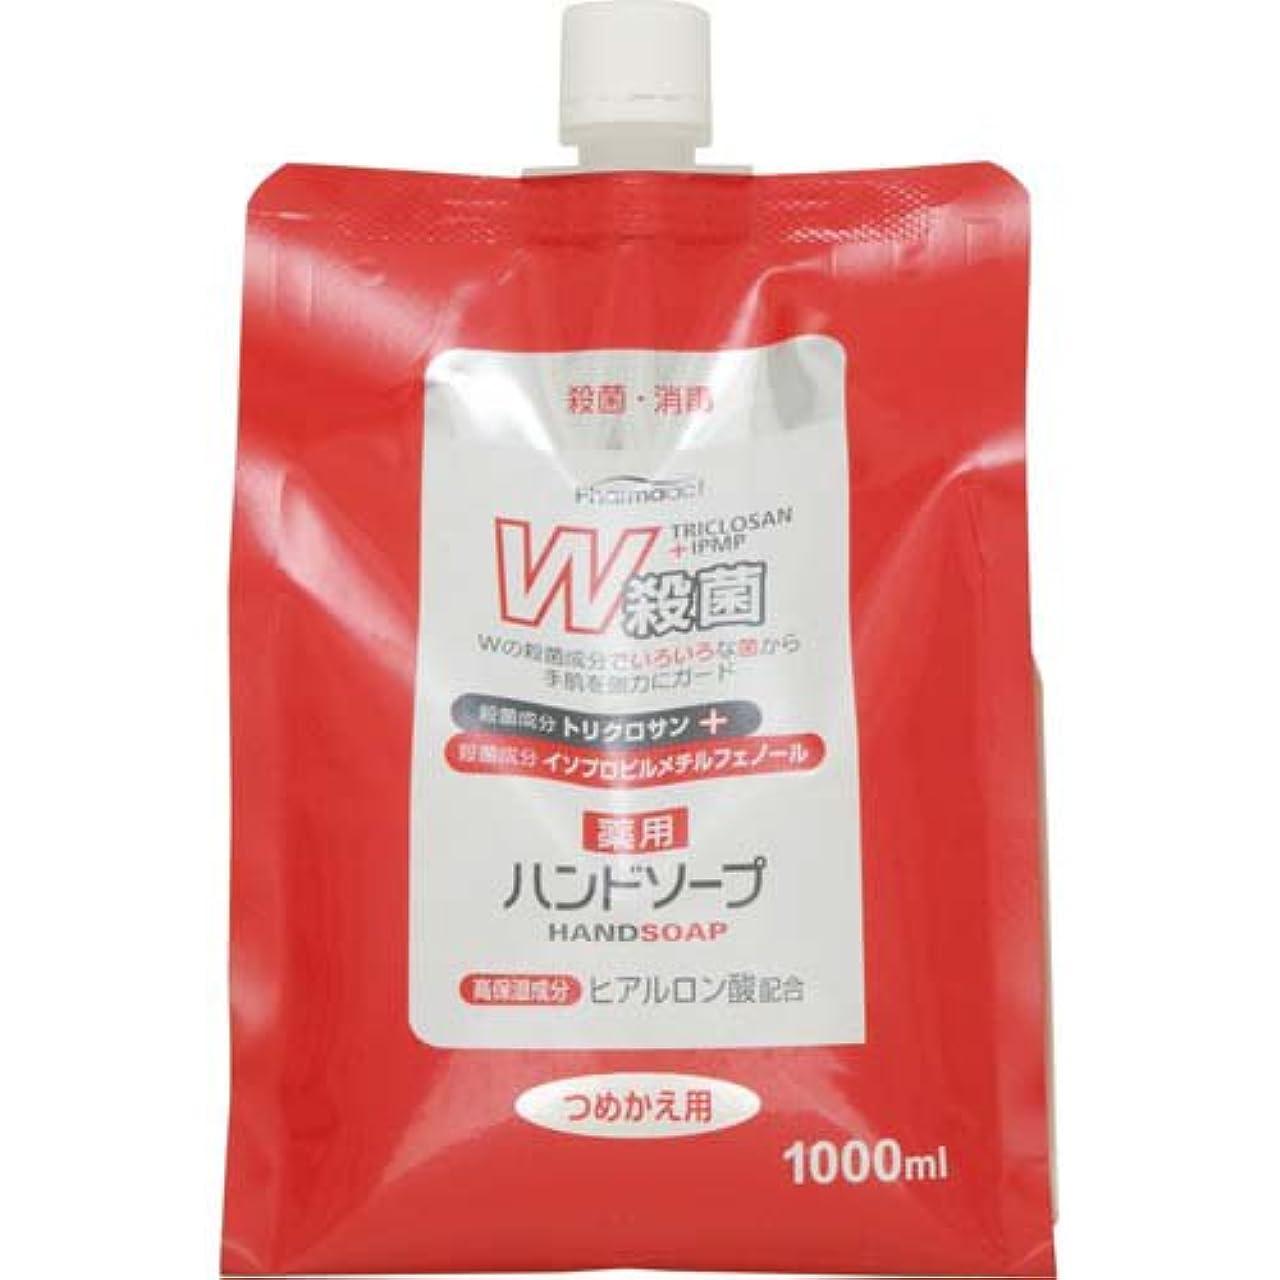 契約する壮大な最愛のファーマアクト W殺菌薬用ハンドソープ スパウト付き詰替 1000ml